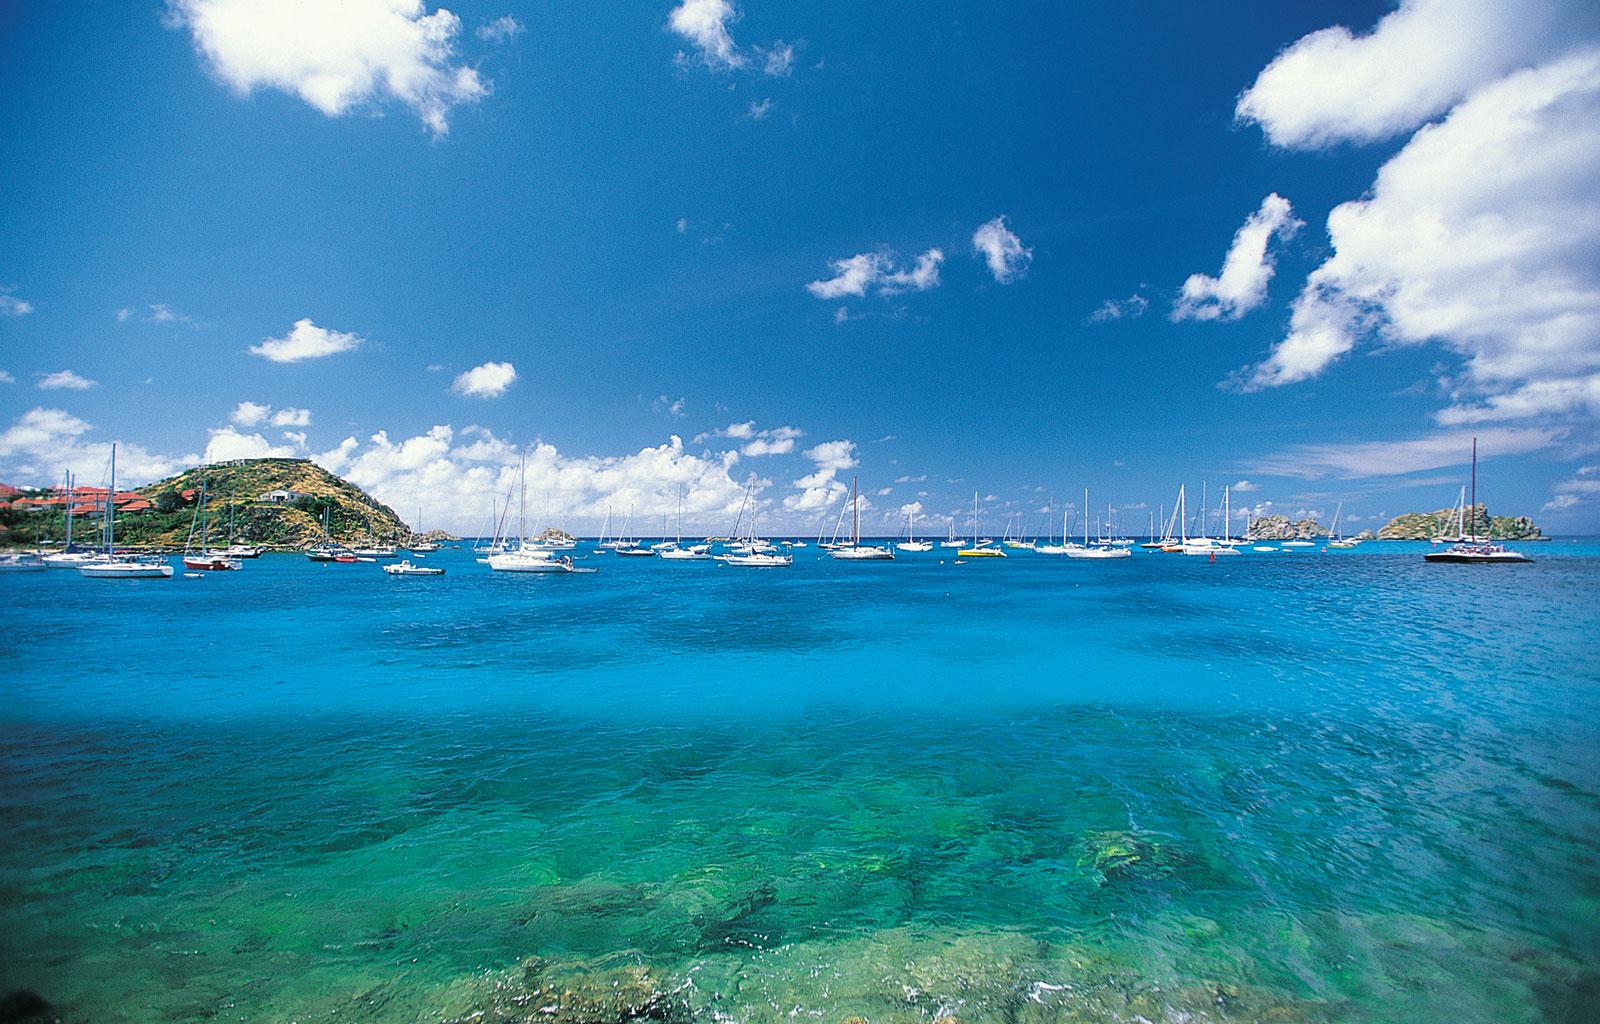 Saint Barthelemy Island FJ/DL7AFS